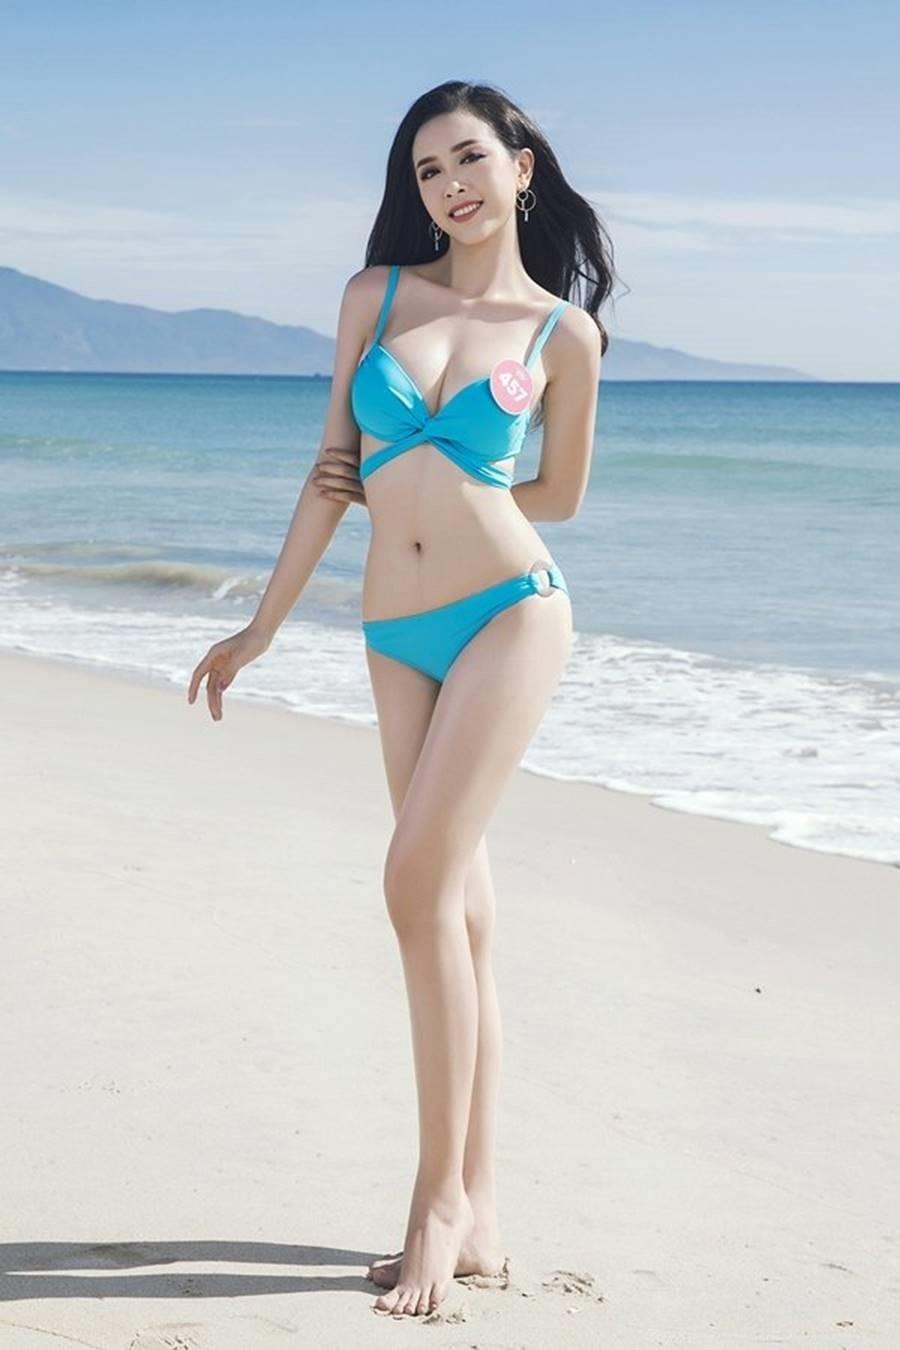 'Bỏng mắt' ngắm tân Hoa hậu Trần Tiểu Vy khoe dáng với bikini ảnh 12